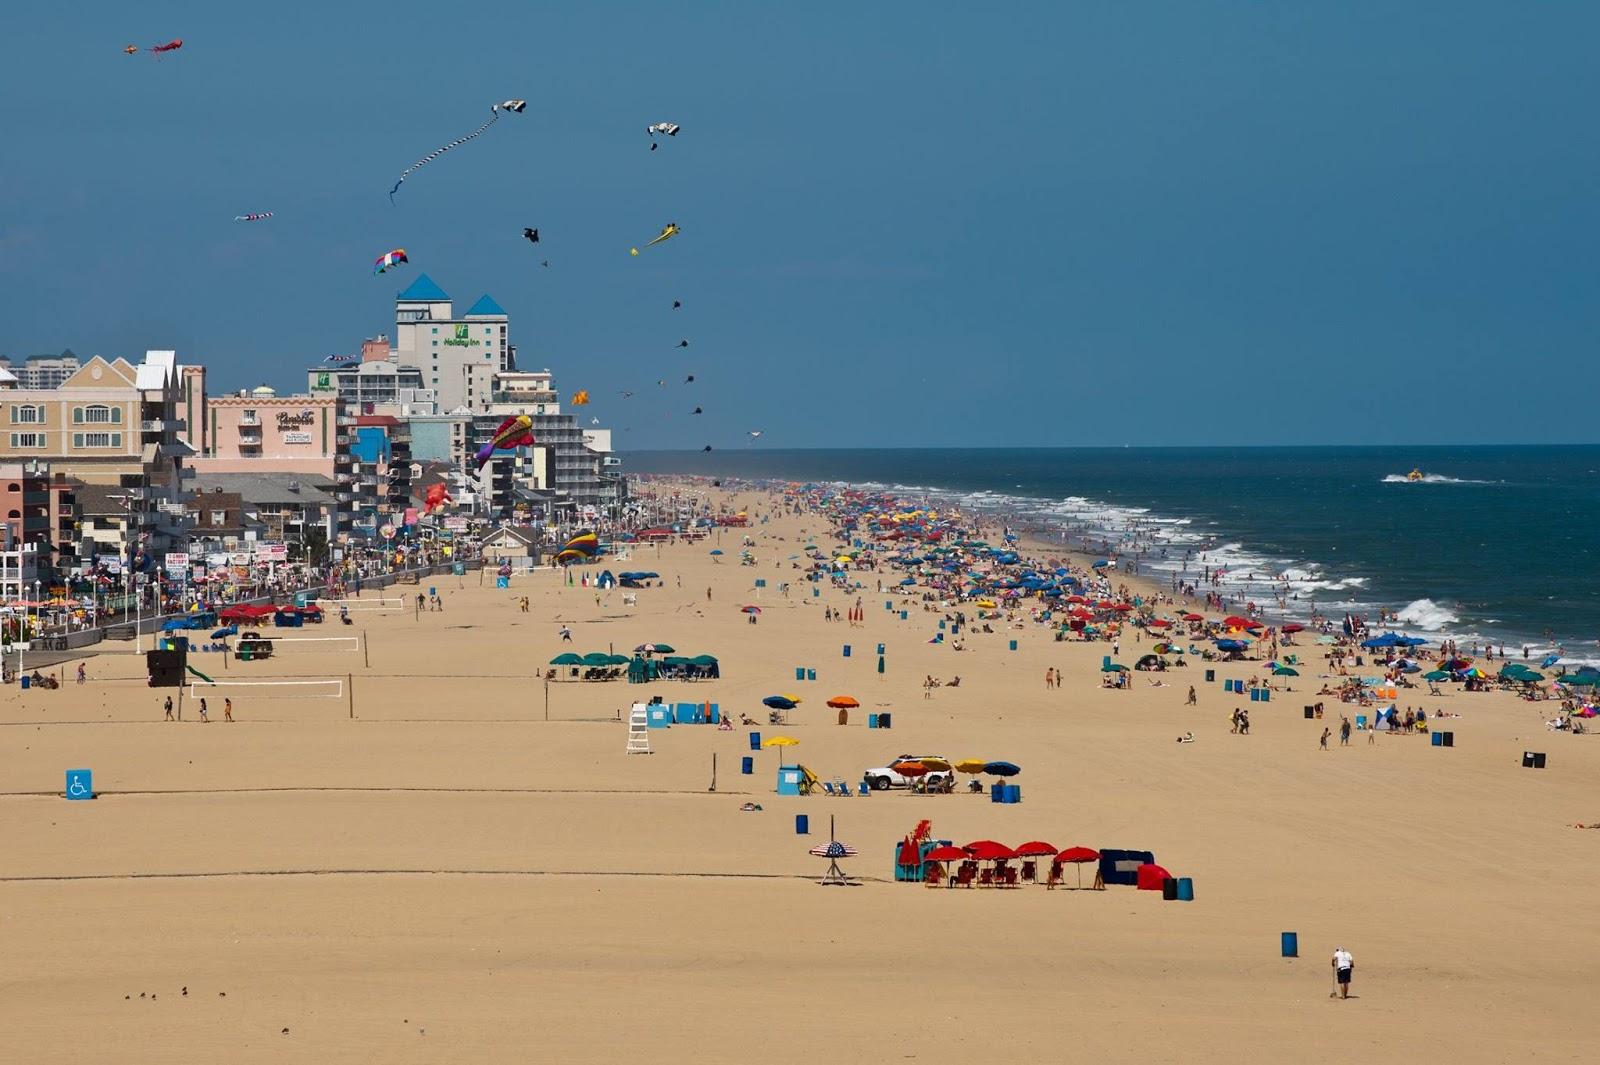 Salisbury News Ocean City Is Not A Topless Beach-6375